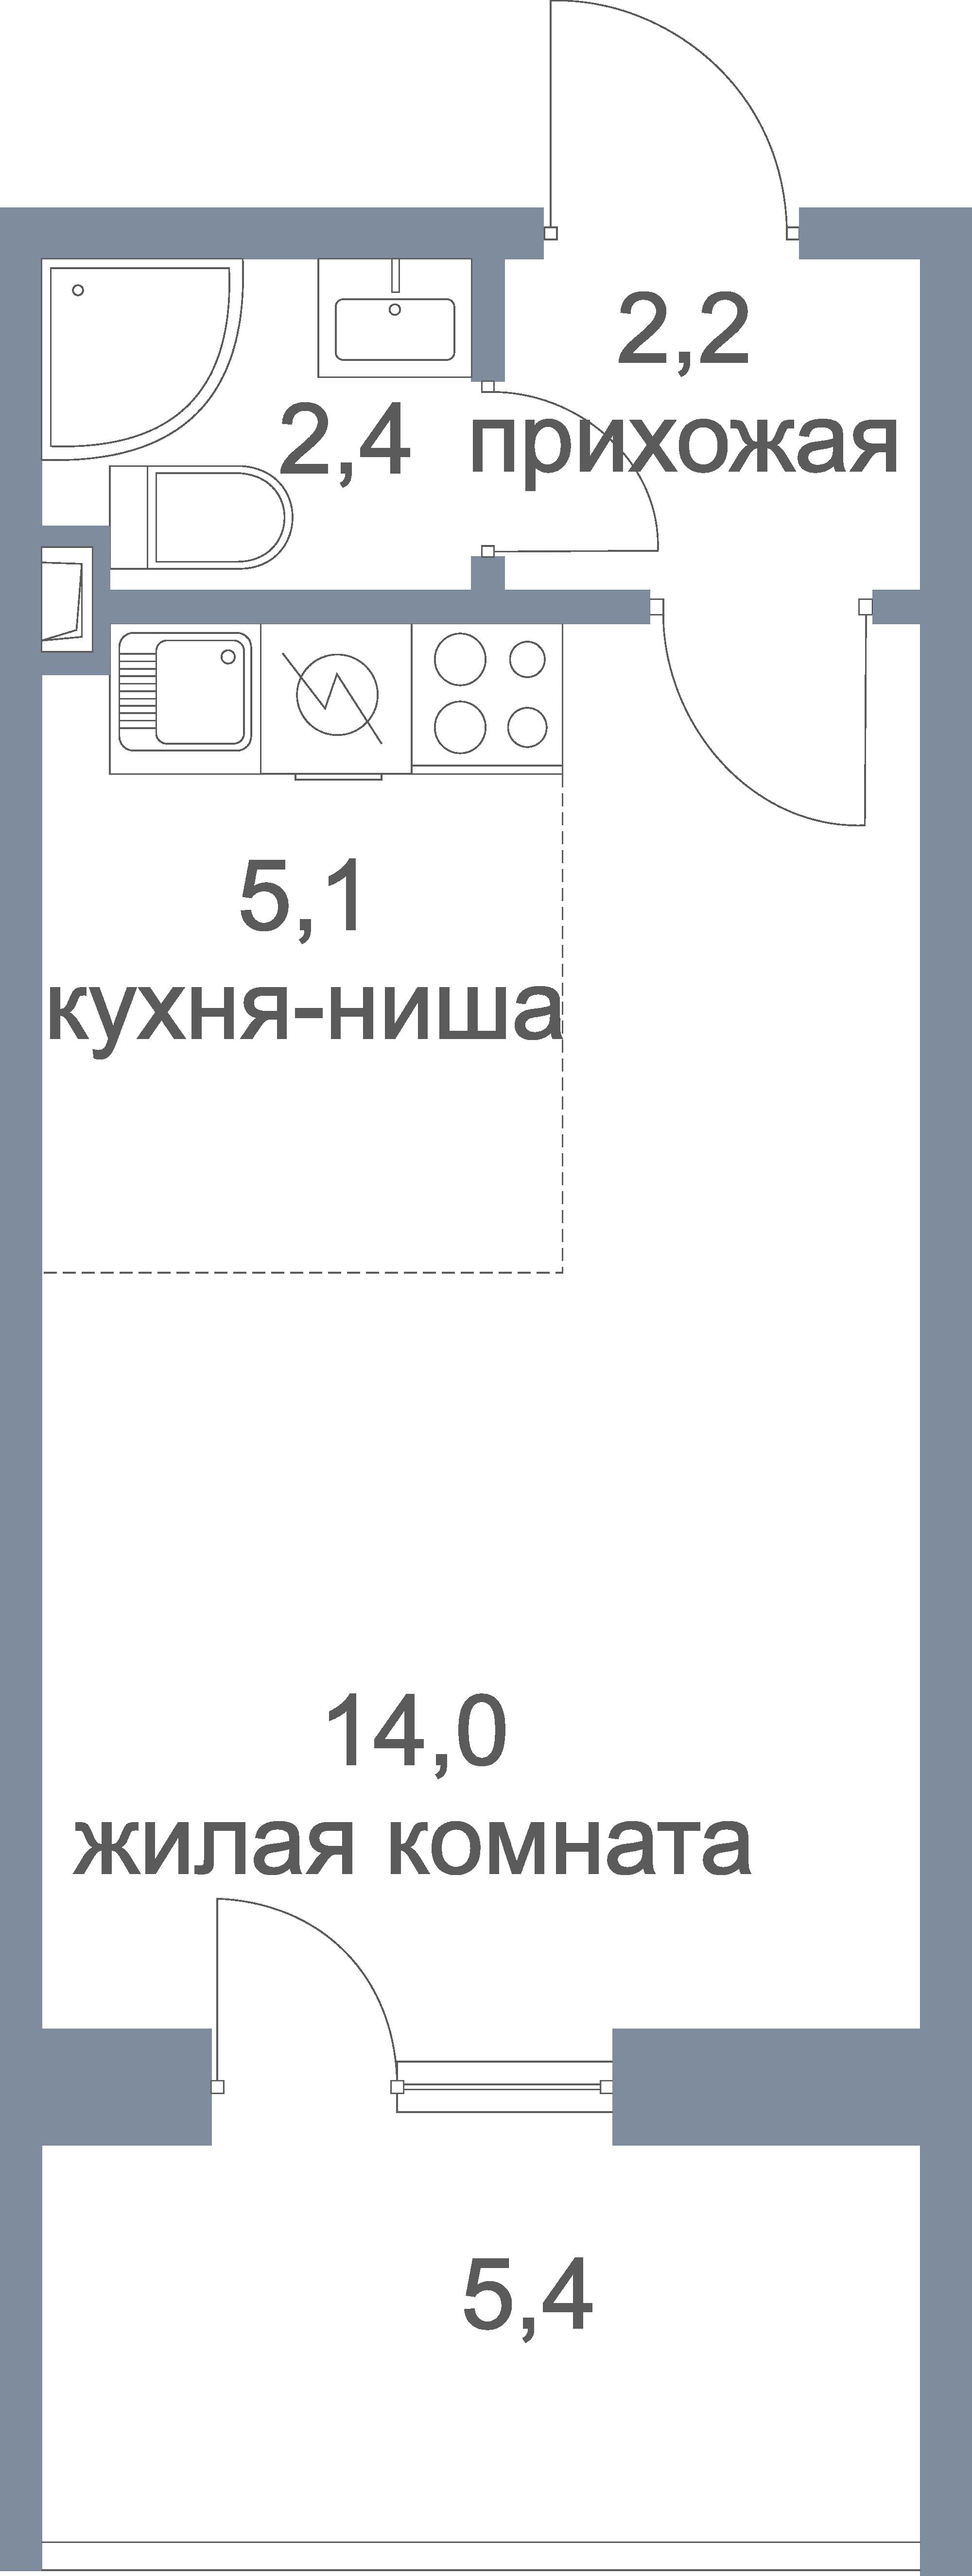 https://pb3241.profitbase.ru/uploads/preset/3241/5d0ca3098648f.png